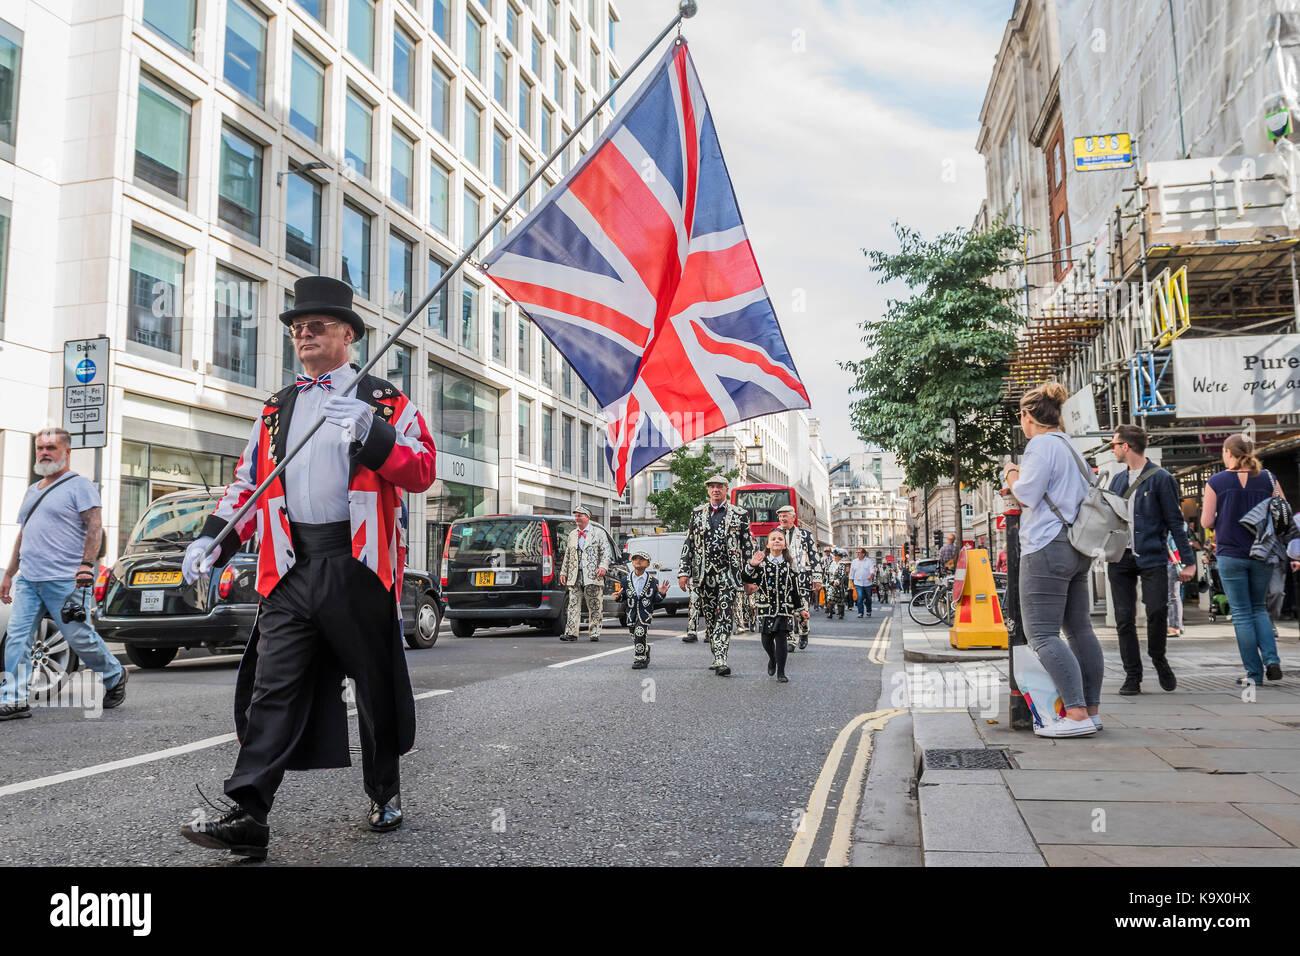 Londra, Regno Unito. 24 settembre, 2017. marciando a st Mary le bow chiesa - la raccolta annuale festival organizzato Immagini Stock